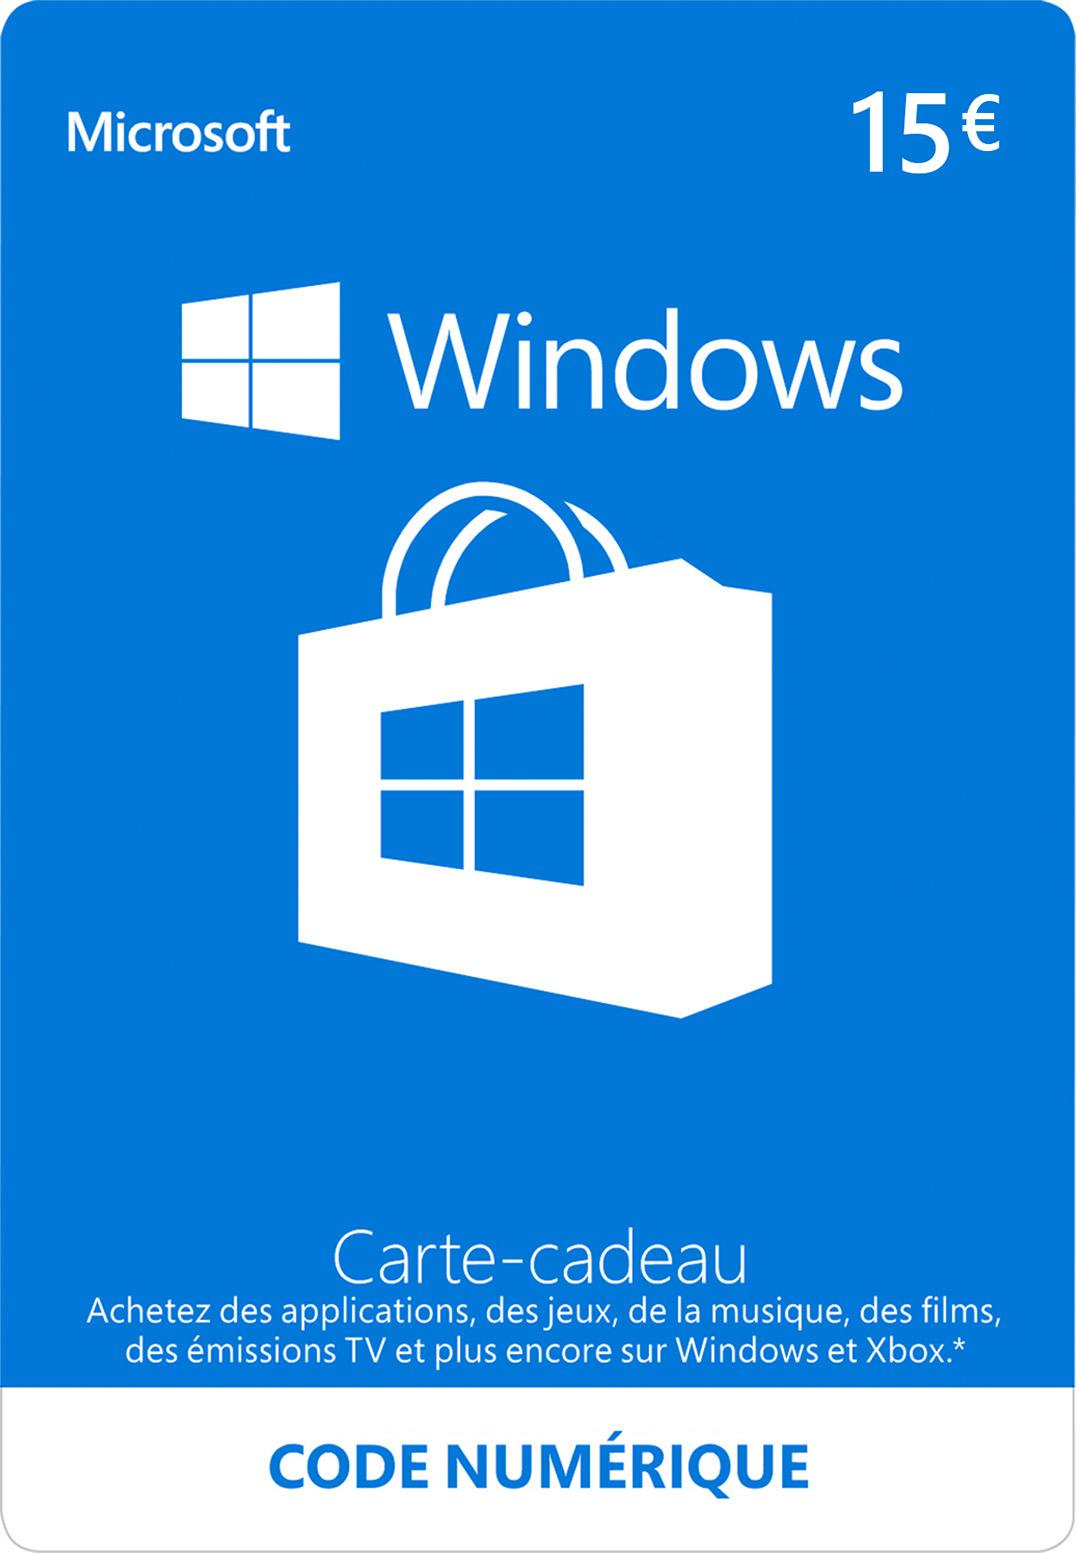 Carte cadeau numérique Windows Store: 15,00 €